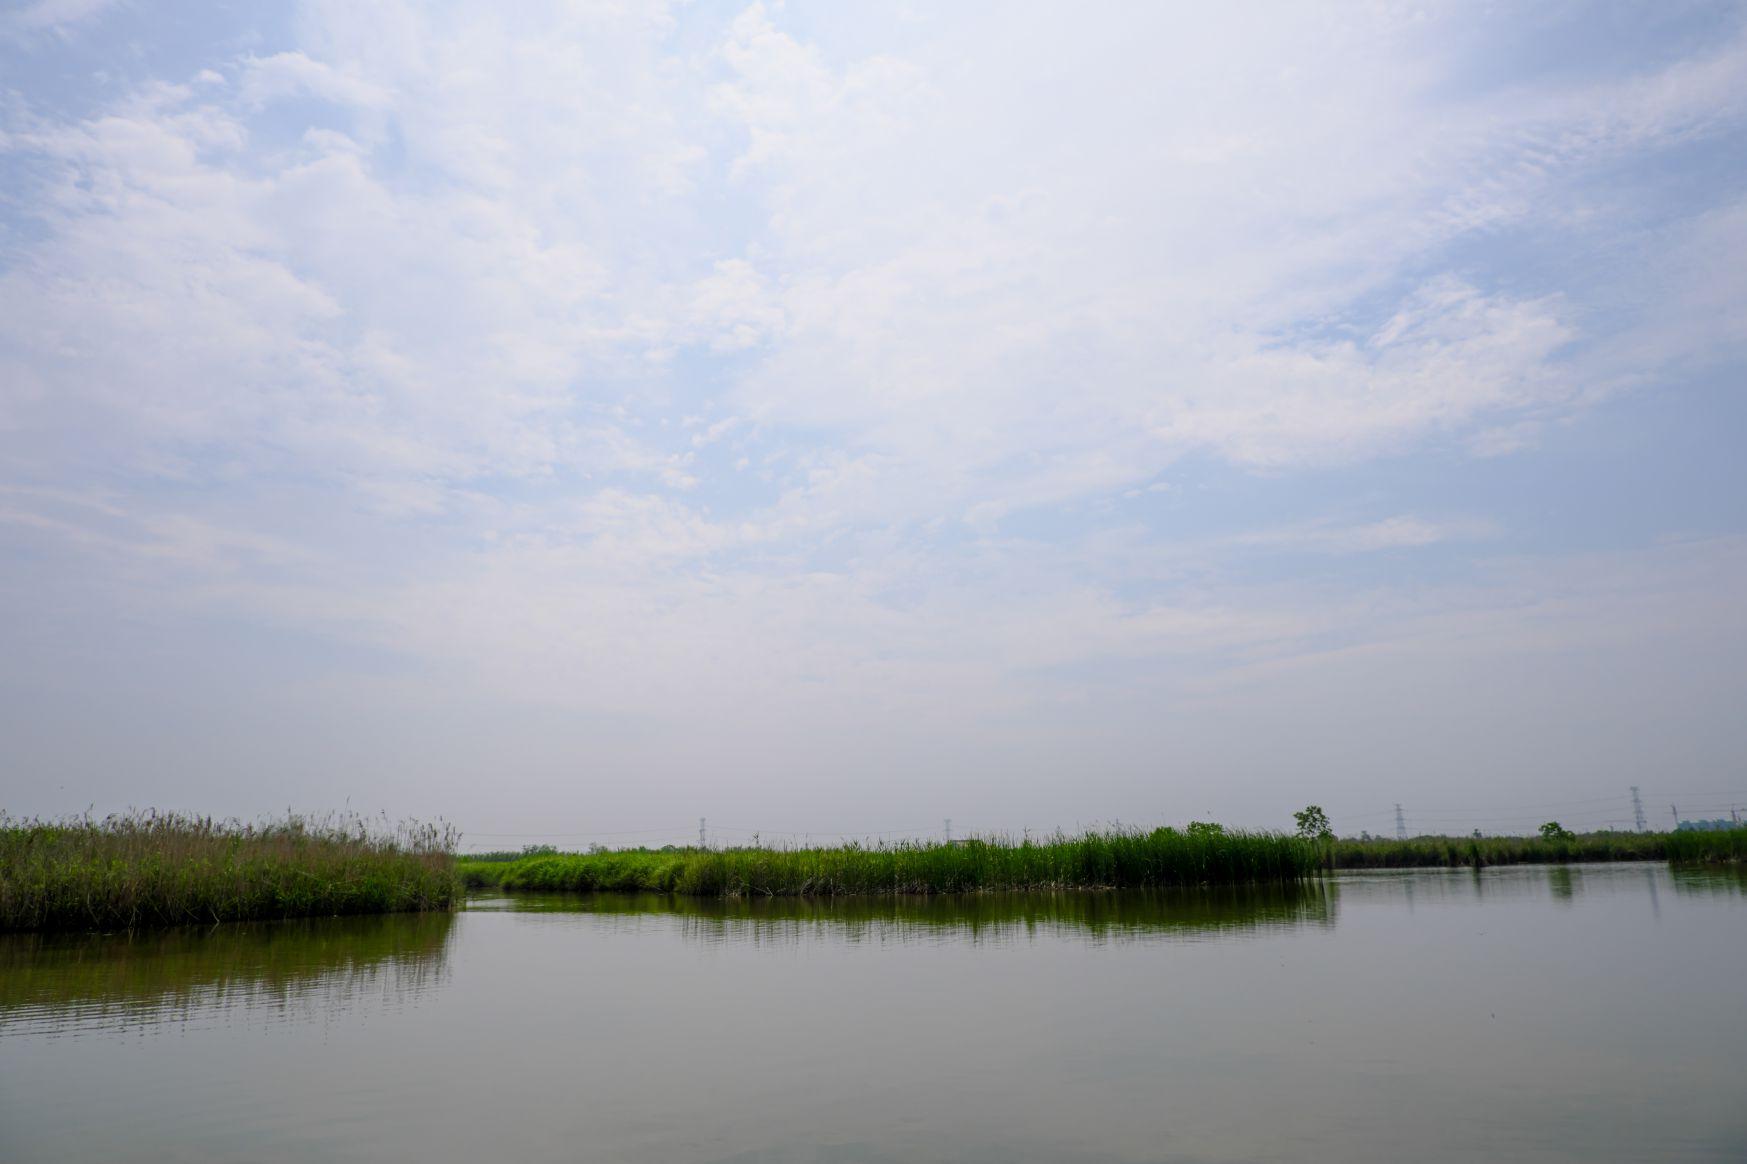 超4K湿地湖边照片下载  -  免费商用